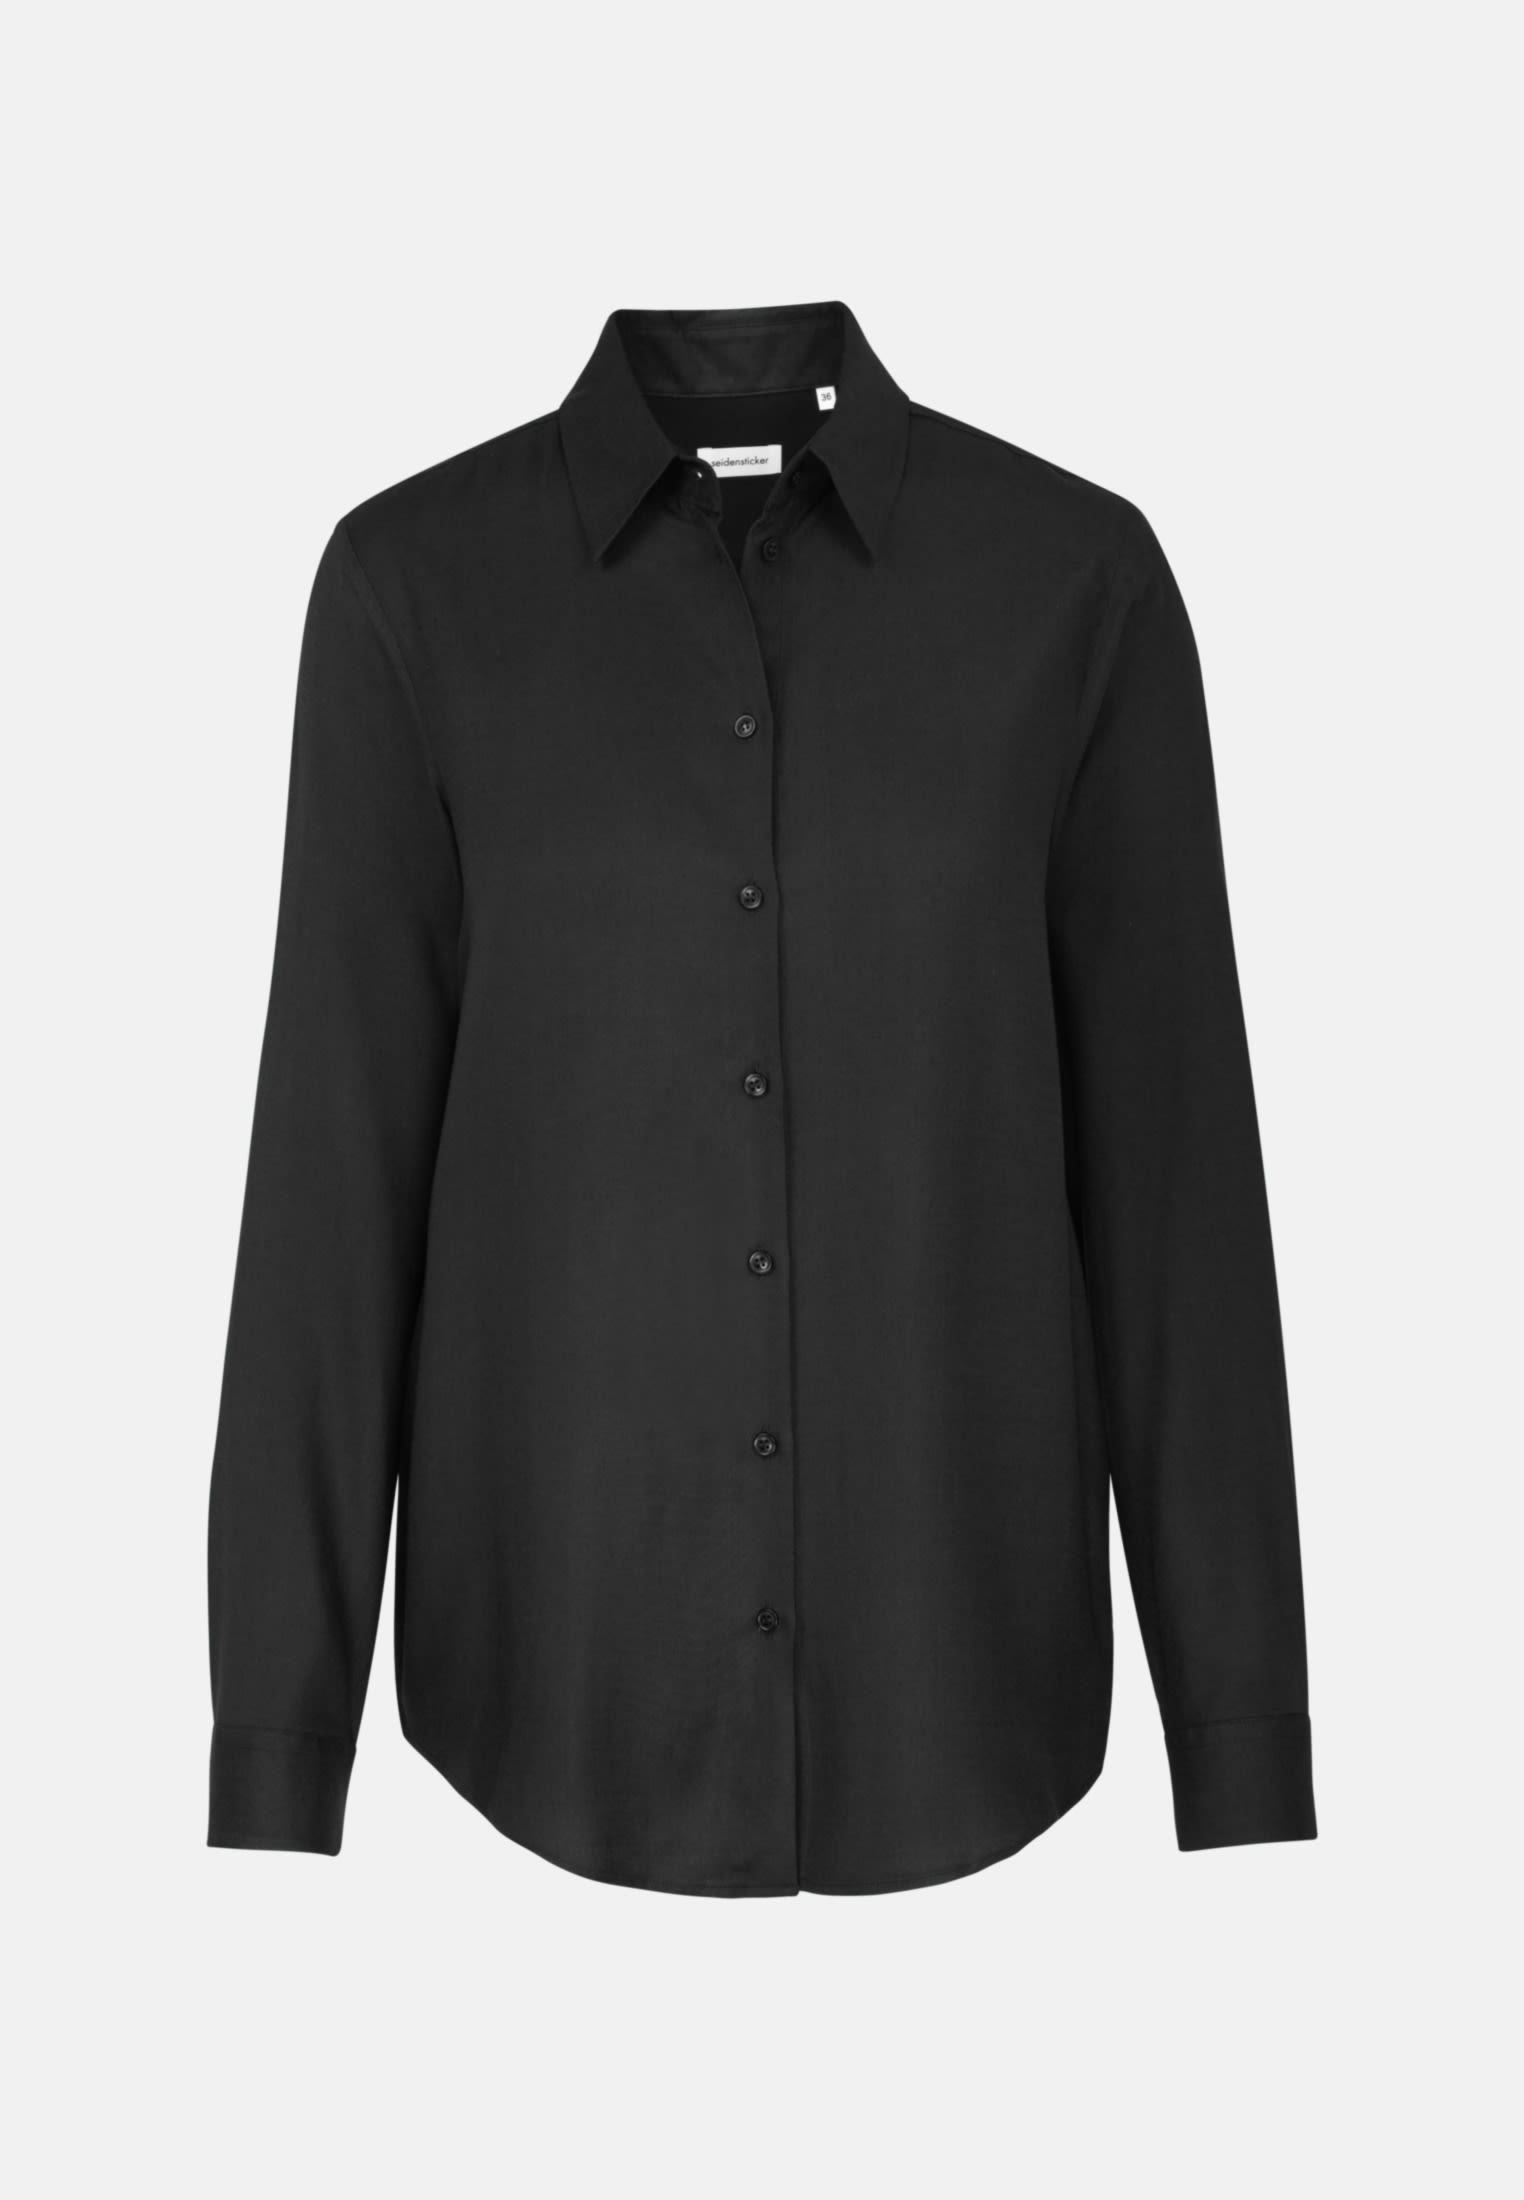 Twill Hemdbluse aus 100% Viskose in Schwarz |  Seidensticker Onlineshop